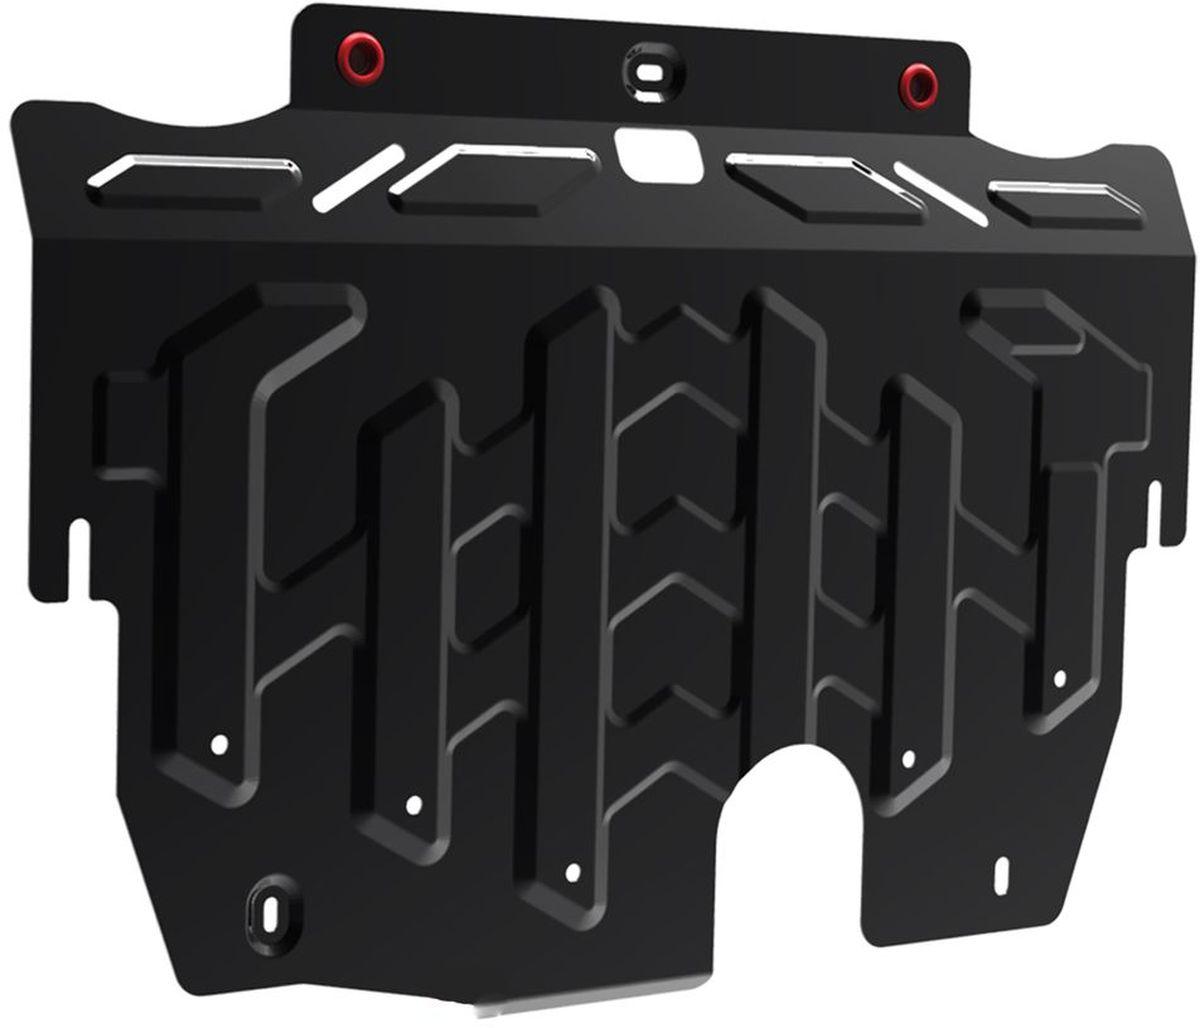 Защита картера и КПП Автоброня, для Ford Galaxy/Mondeo/S-Max. 111.01827.198298130Технологически совершенный продукт за невысокую стоимость.Защита разработана с учетом особенностей днища автомобиля, что позволяет сохранить дорожный просвет с минимальным изменением.Защита устанавливается в штатные места кузова автомобиля. Глубокий штамп обеспечивает до двух раз больше жесткости в сравнении с обычной защитой той же толщины. Проштампованные ребра жесткости препятствуют деформации защиты при ударах.Тепловой зазор и вентиляционные отверстия обеспечивают сохранение температурного режима двигателя в норме. Скрытый крепеж предотвращает срыв крепежных элементов при наезде на препятствие.Шумопоглощающие резиновые элементы обеспечивают комфортную езду без вибраций и скрежета металла, а съемные лючки для слива масла и замены фильтра - экономию средств и время.Конструкция изделия не влияет на пассивную безопасность автомобиля (при ударе защита не воздействует на деформационные зоны кузова). Со штатным крепежом. В комплекте инструкция по установке.Толщина стали: 2 мм.